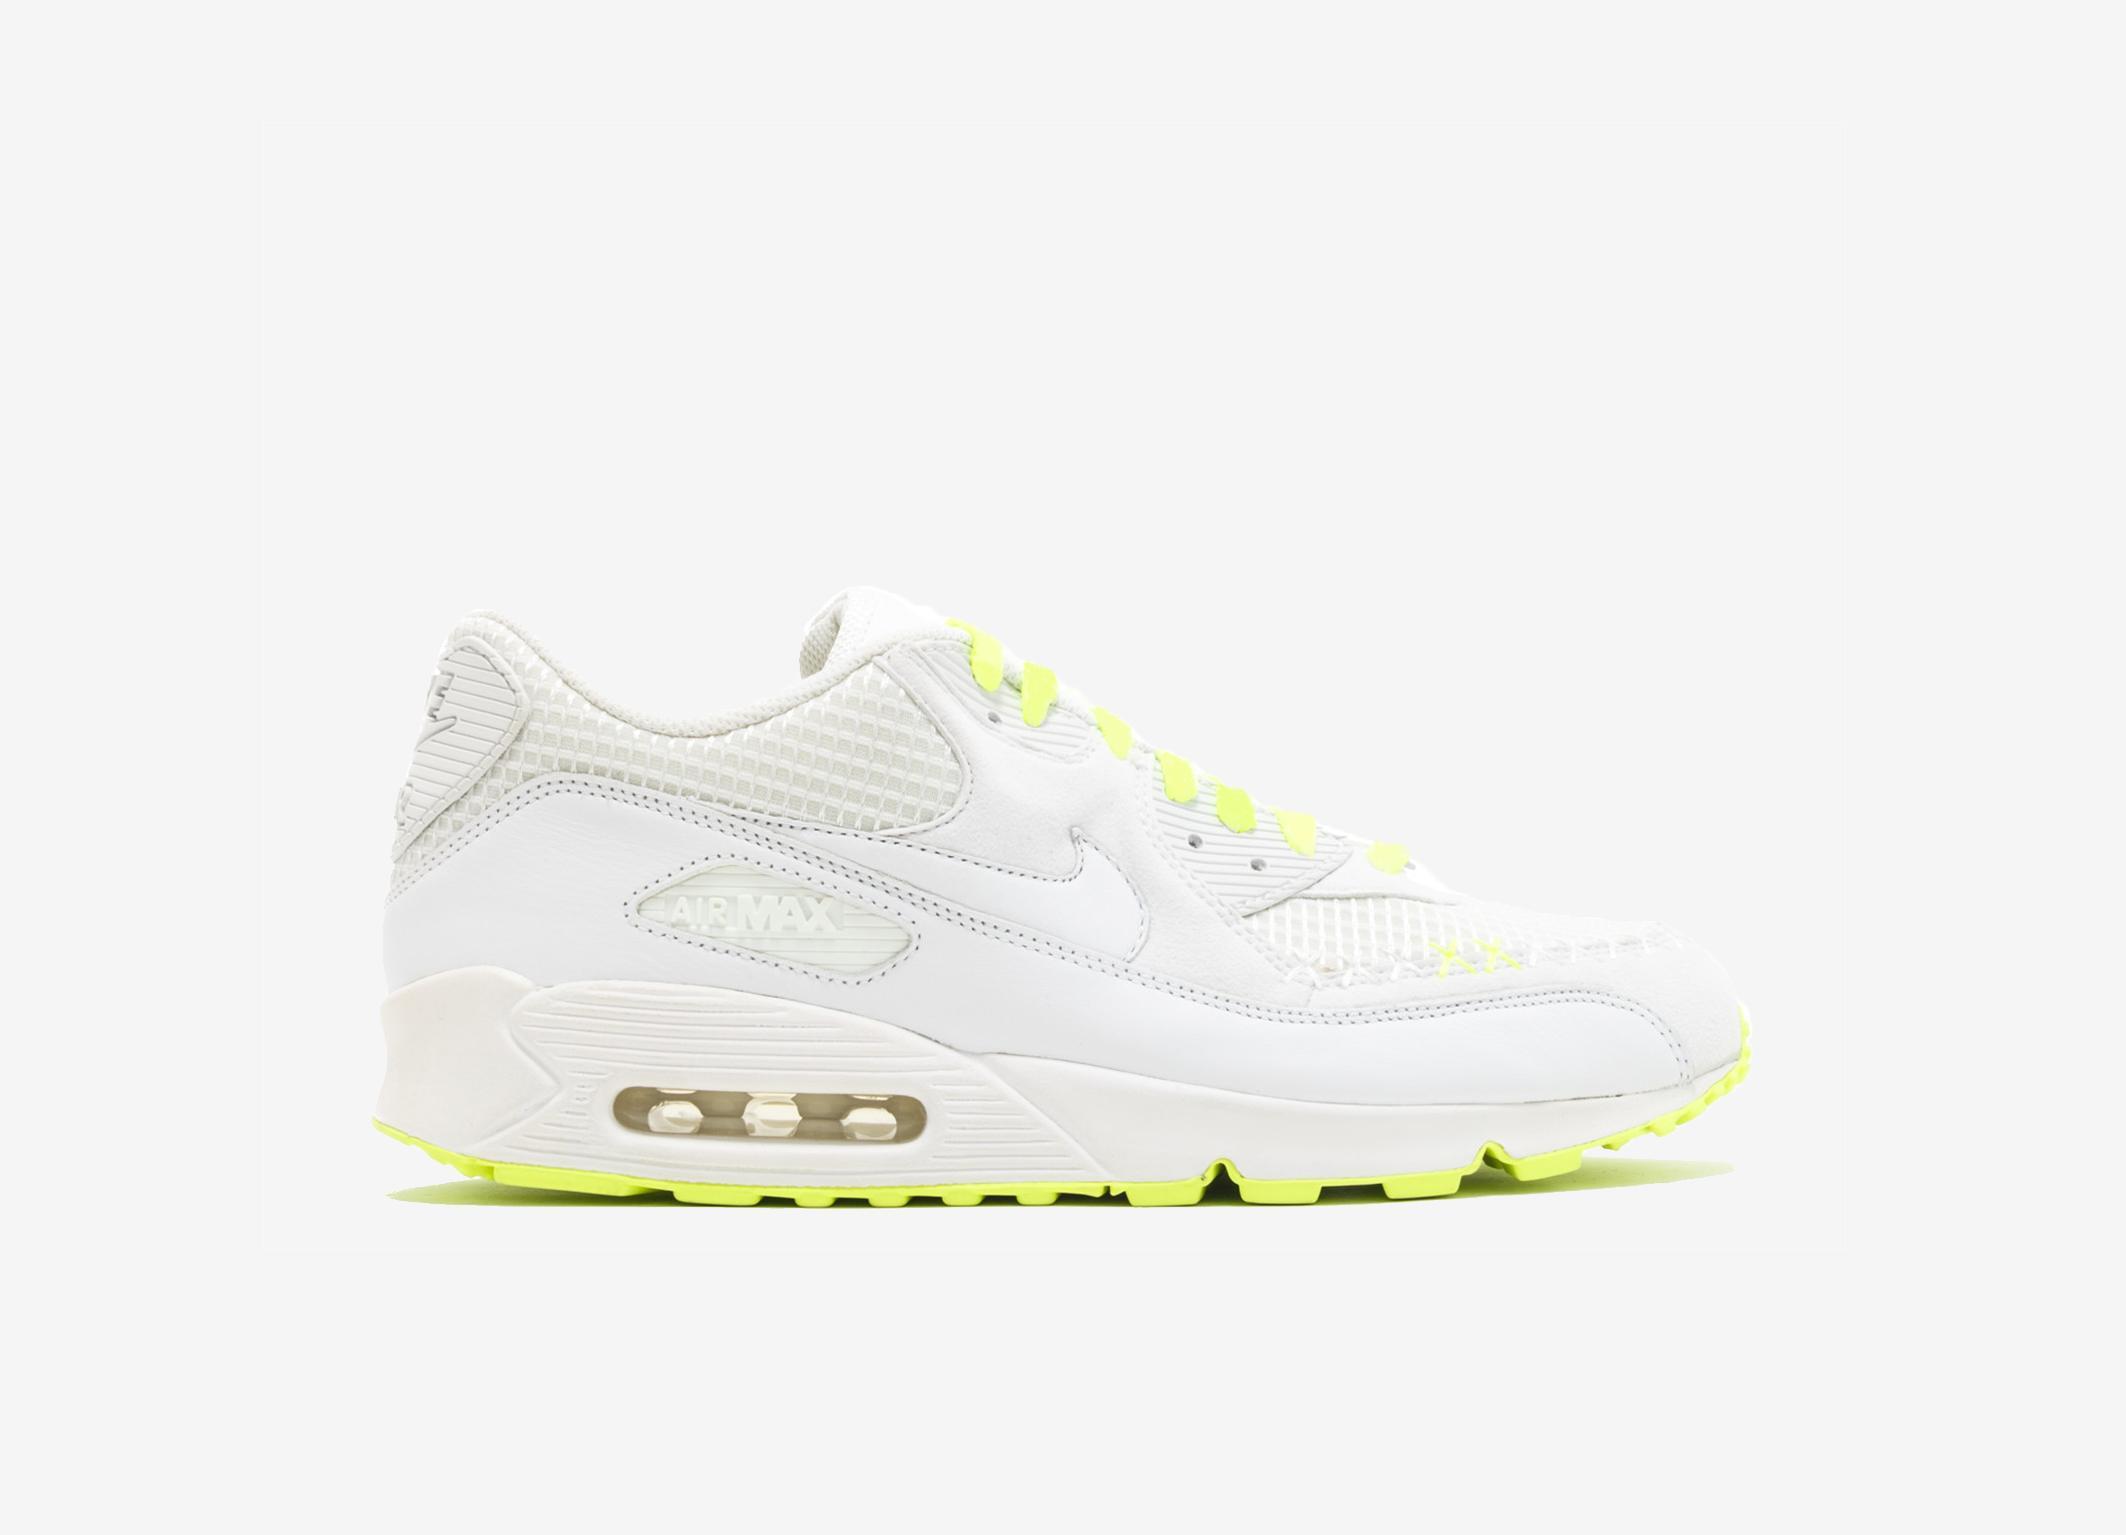 Nike x Kaws Air Max 90 WhiteVolt (346115 111)